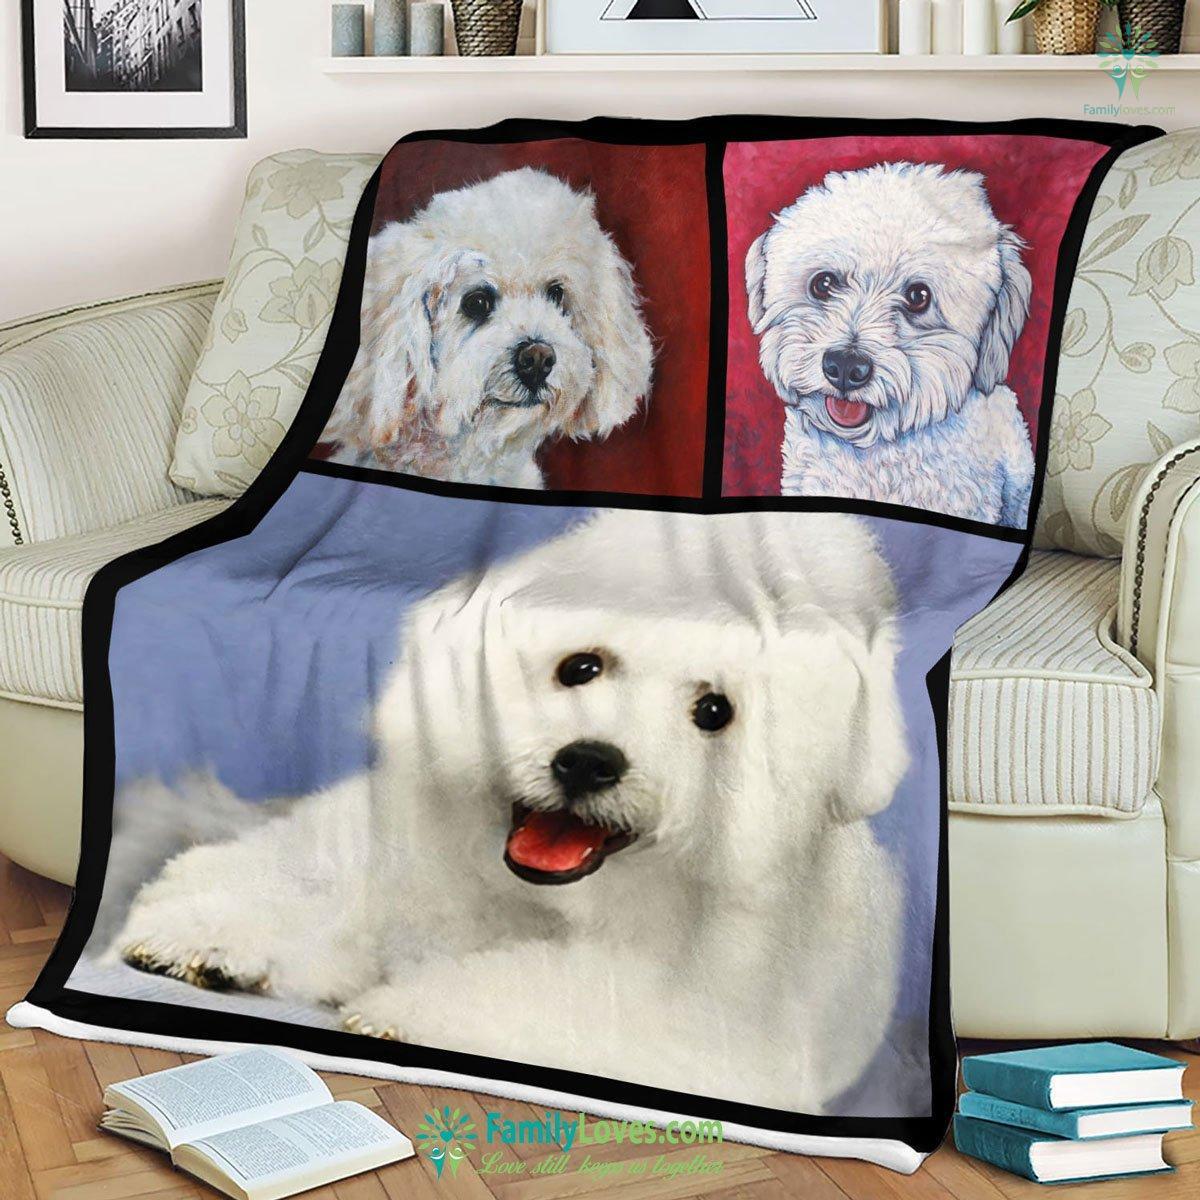 White Dogs Lovely Blanket 17 Familyloves.com